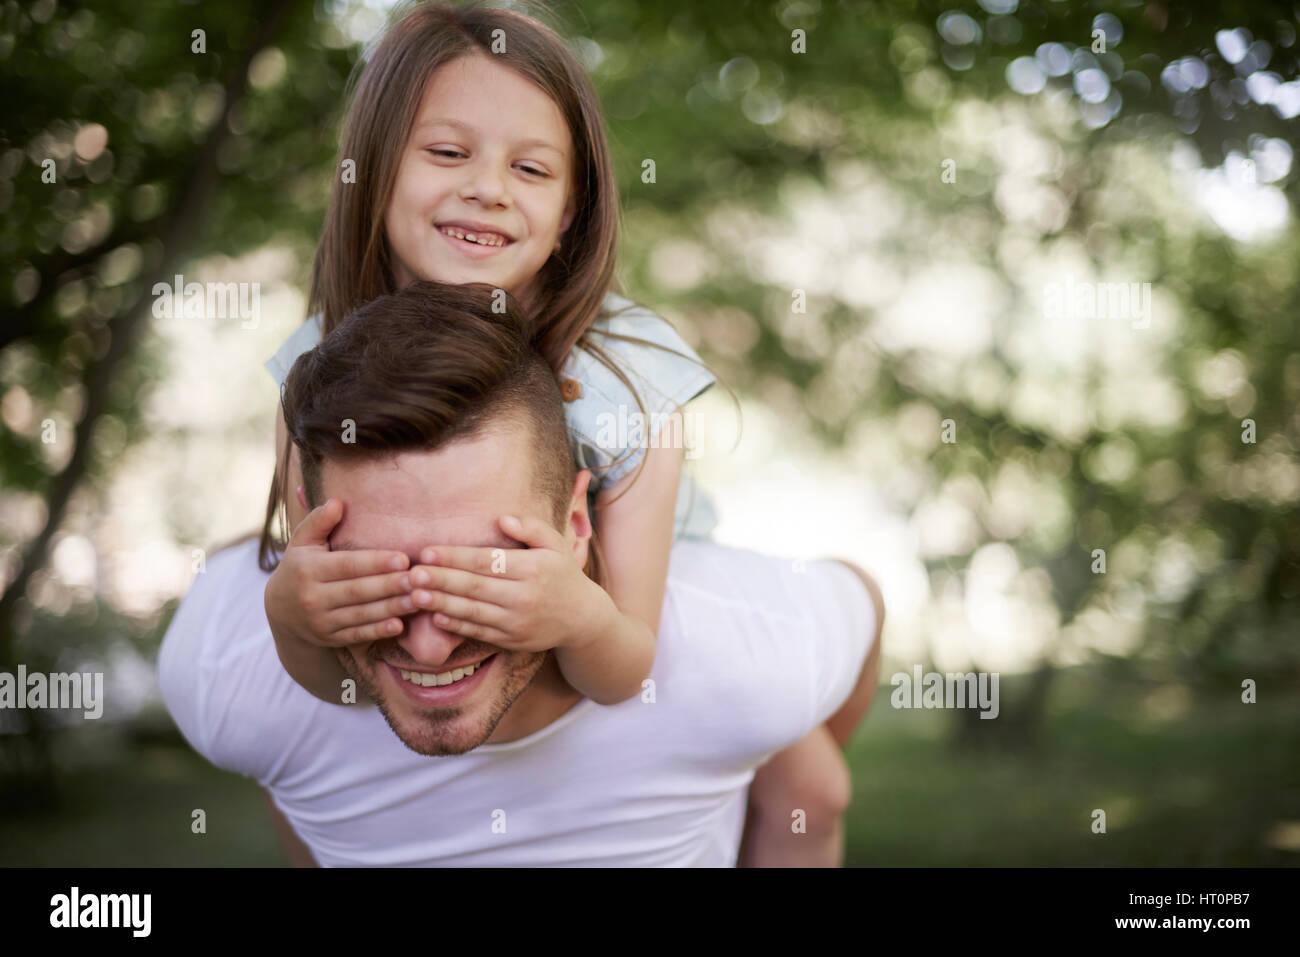 Jouer avec papa sur l'air frais Photo Stock